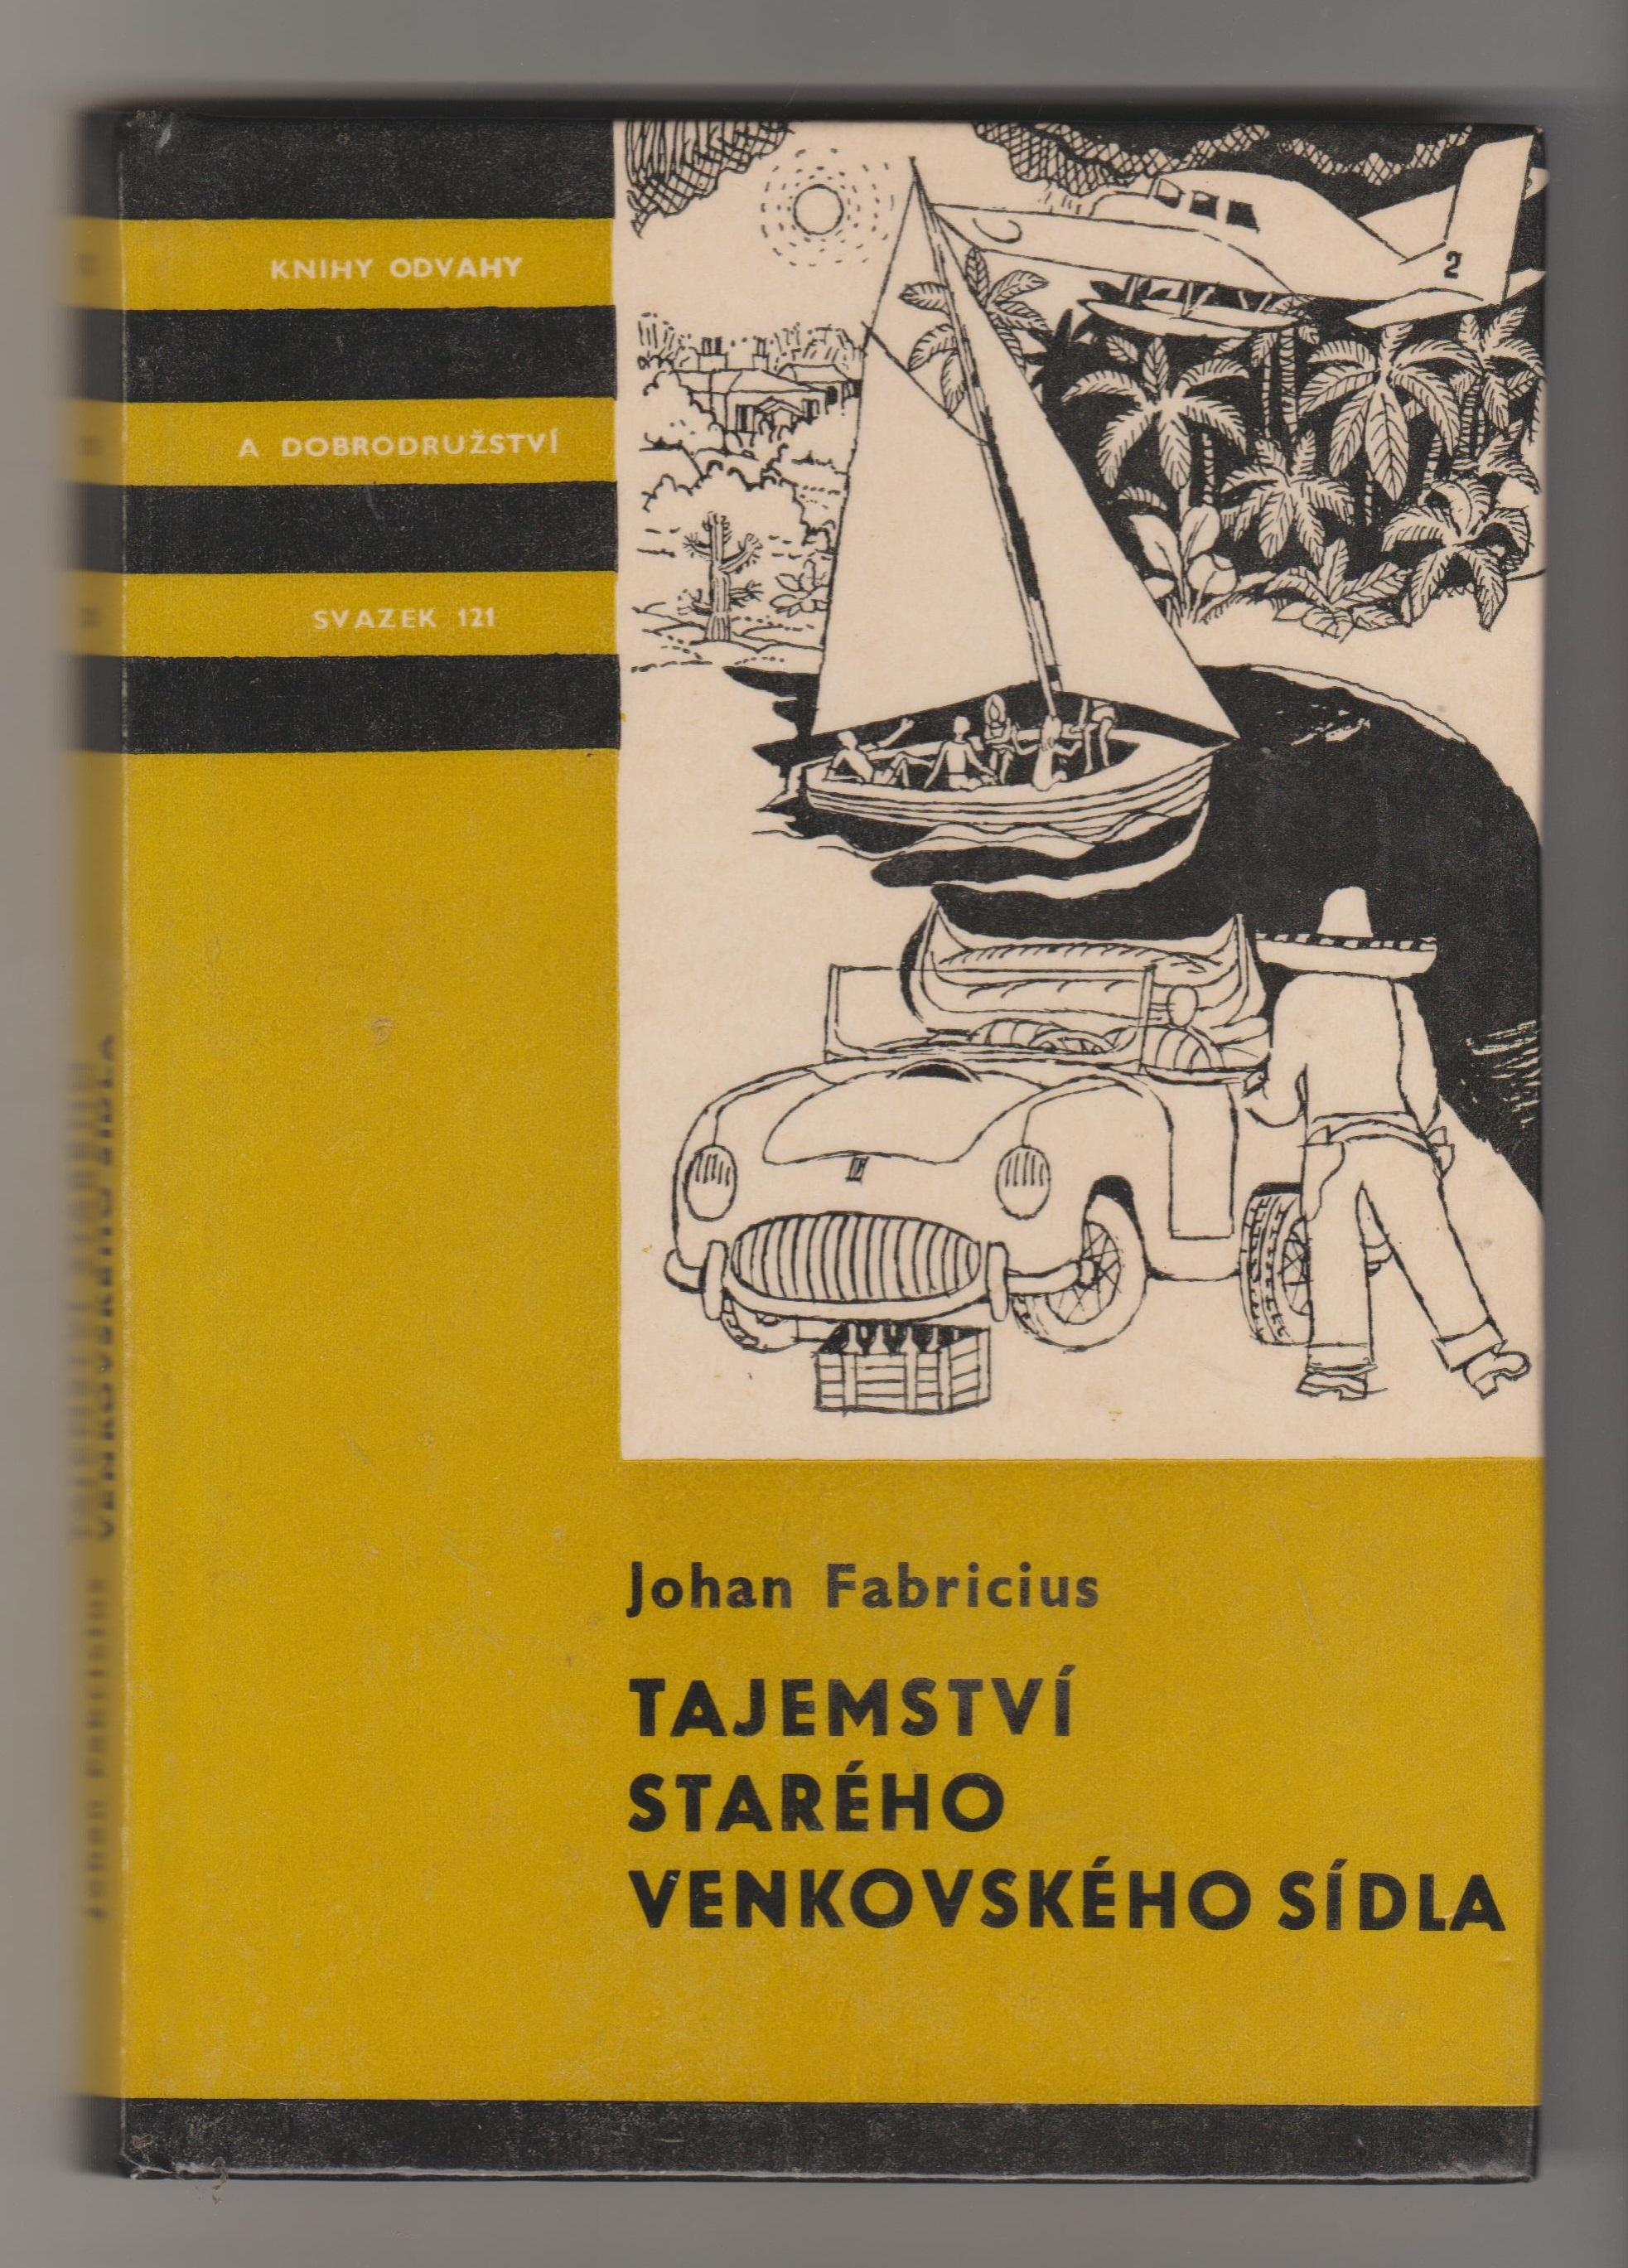 Tajemství starého venkovského sídla - Johan Fabricius (KOD)